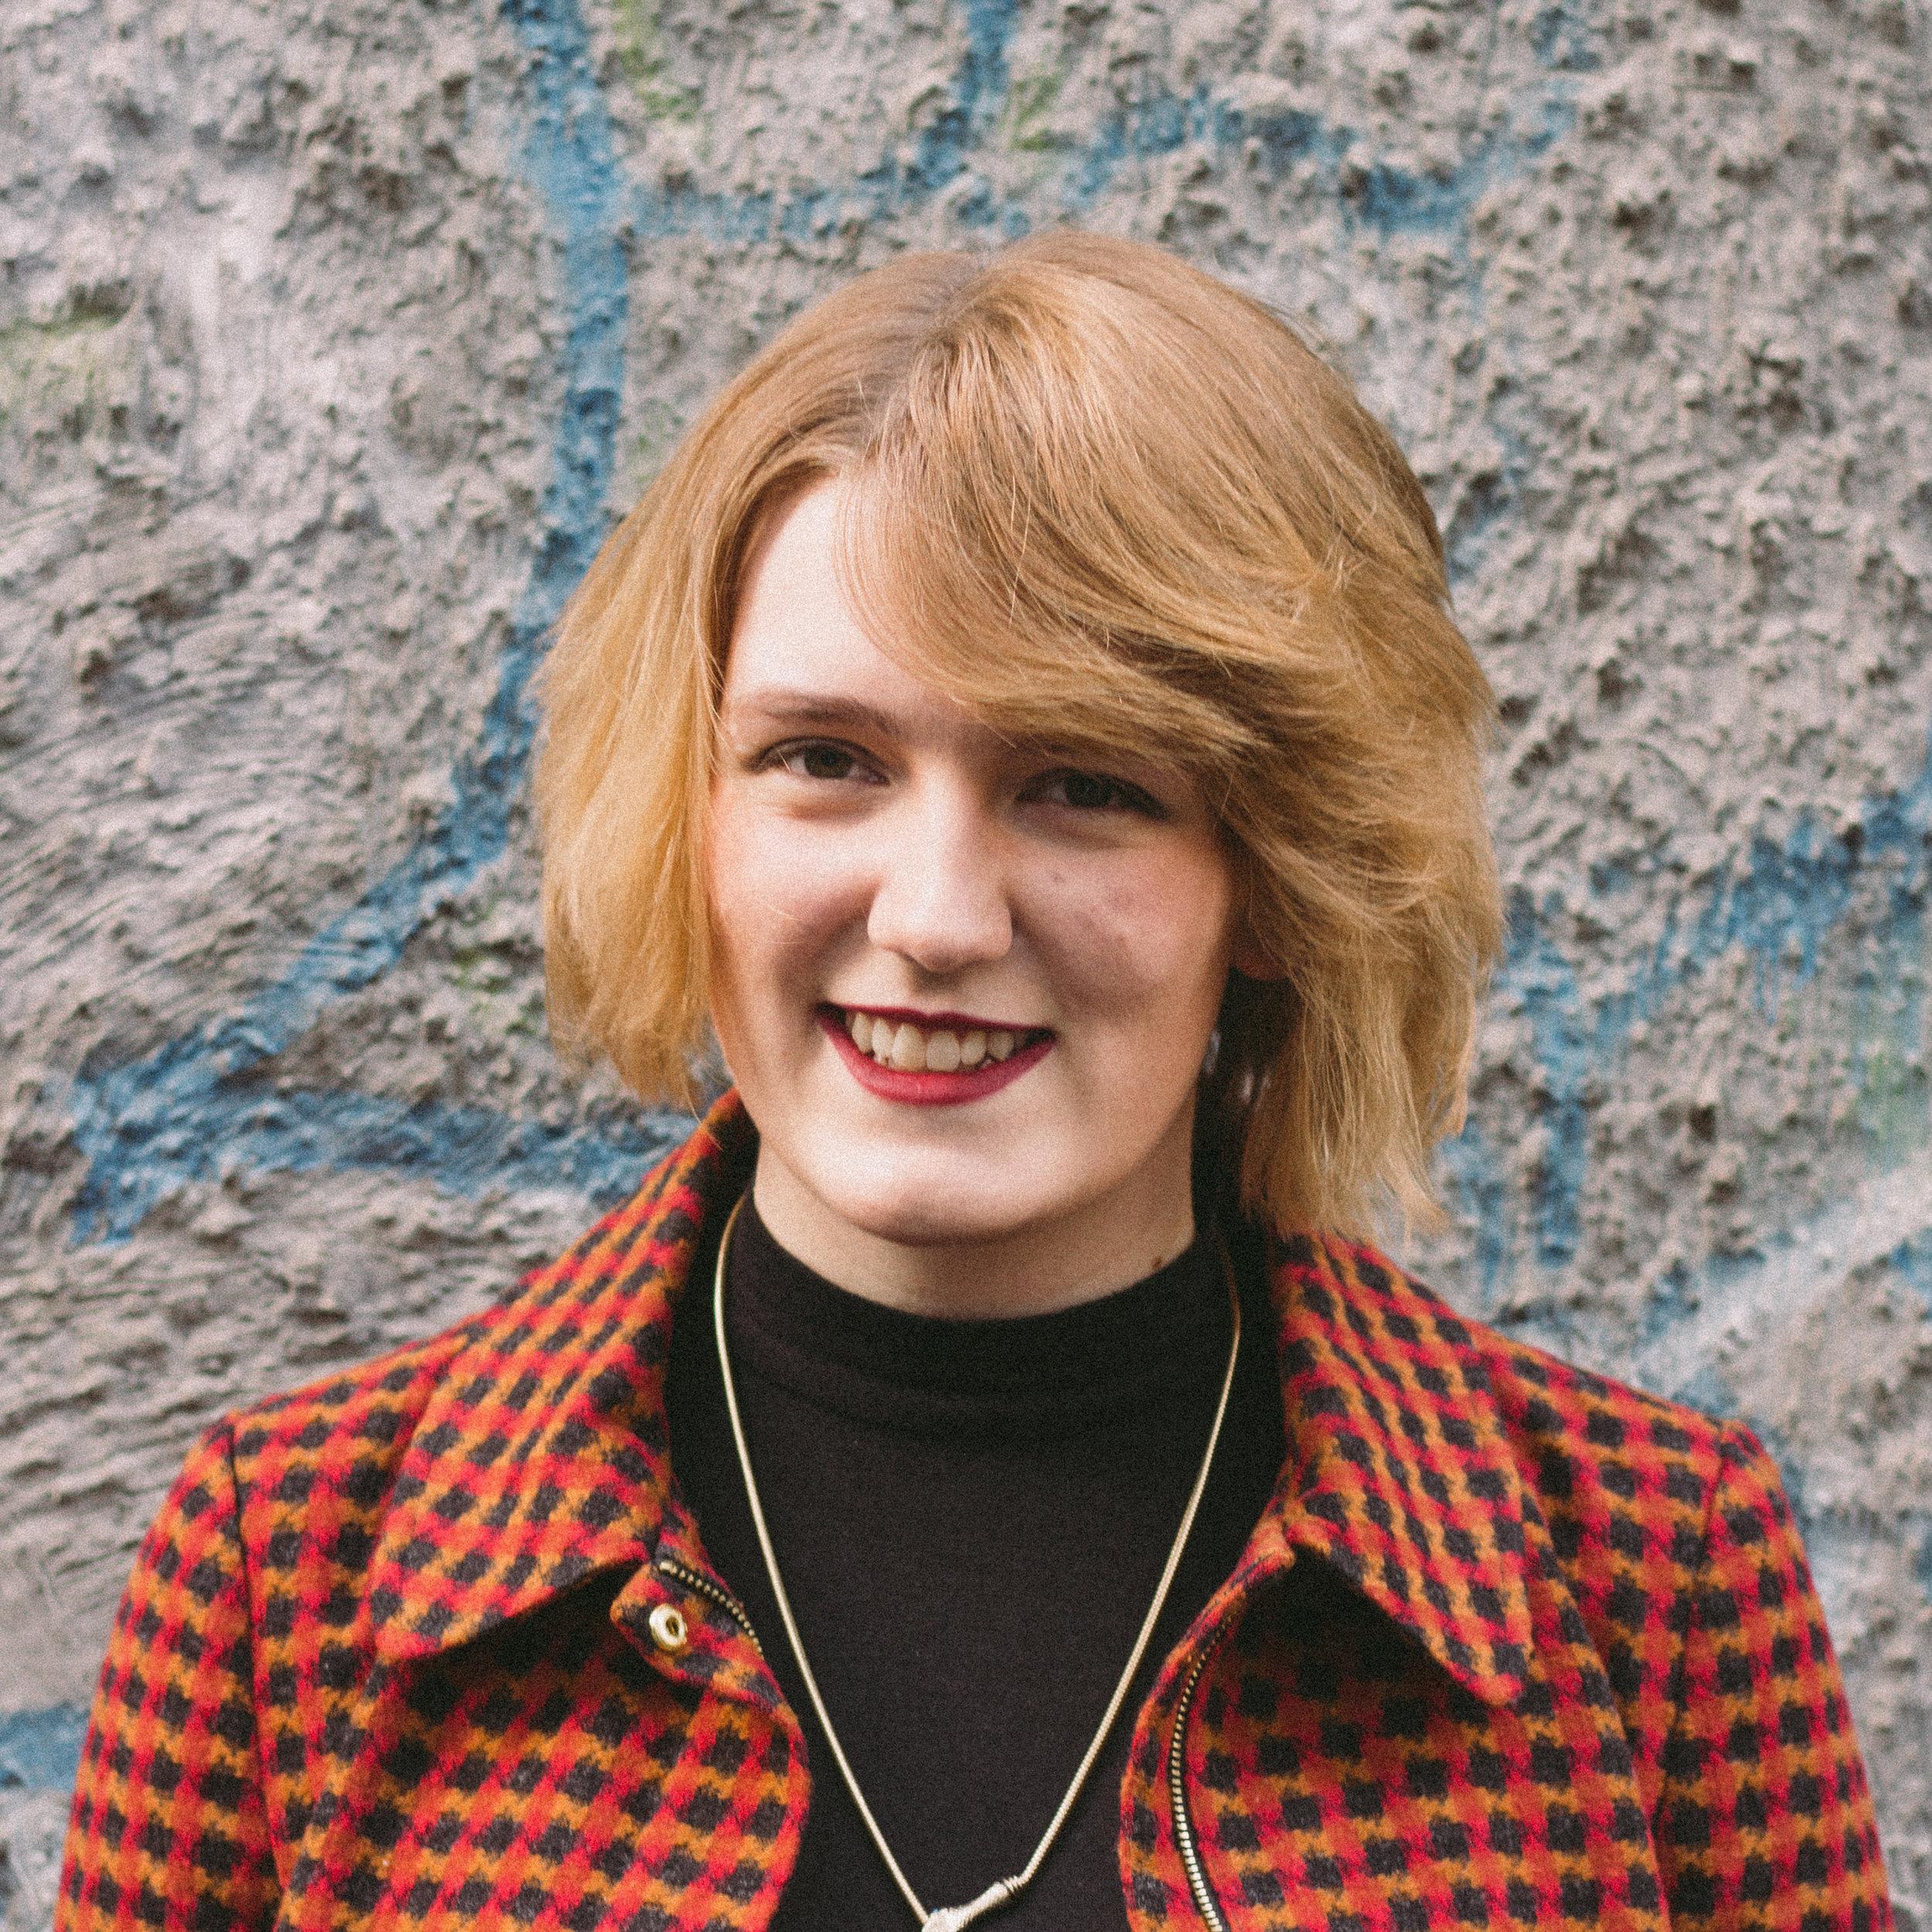 Sarah Irving